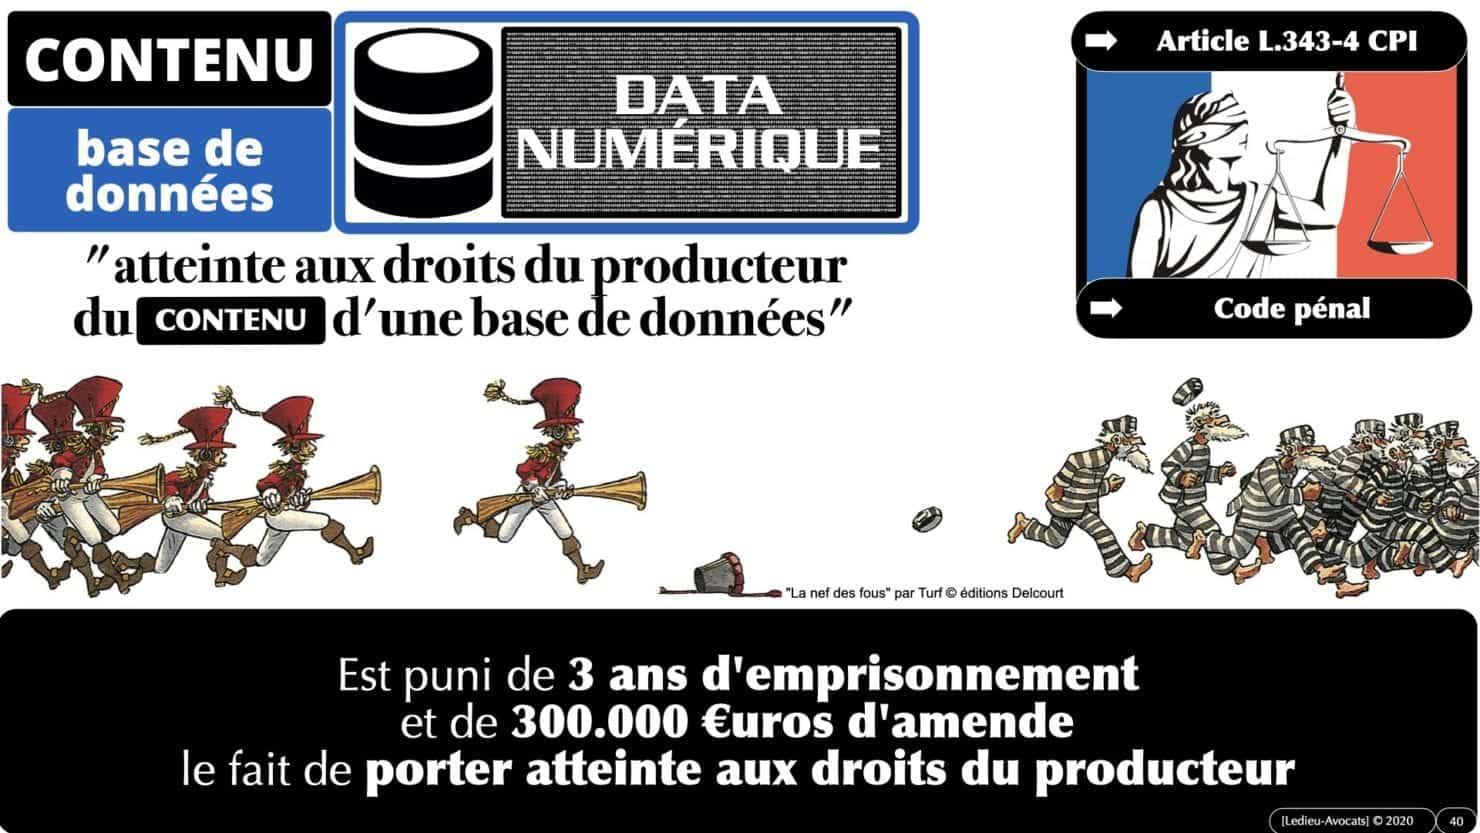 309 pseudonymisation et anonymisation des bases de données pour ACTUAIRE *16:9* © Ledieu-avocat 01-11-2020.040